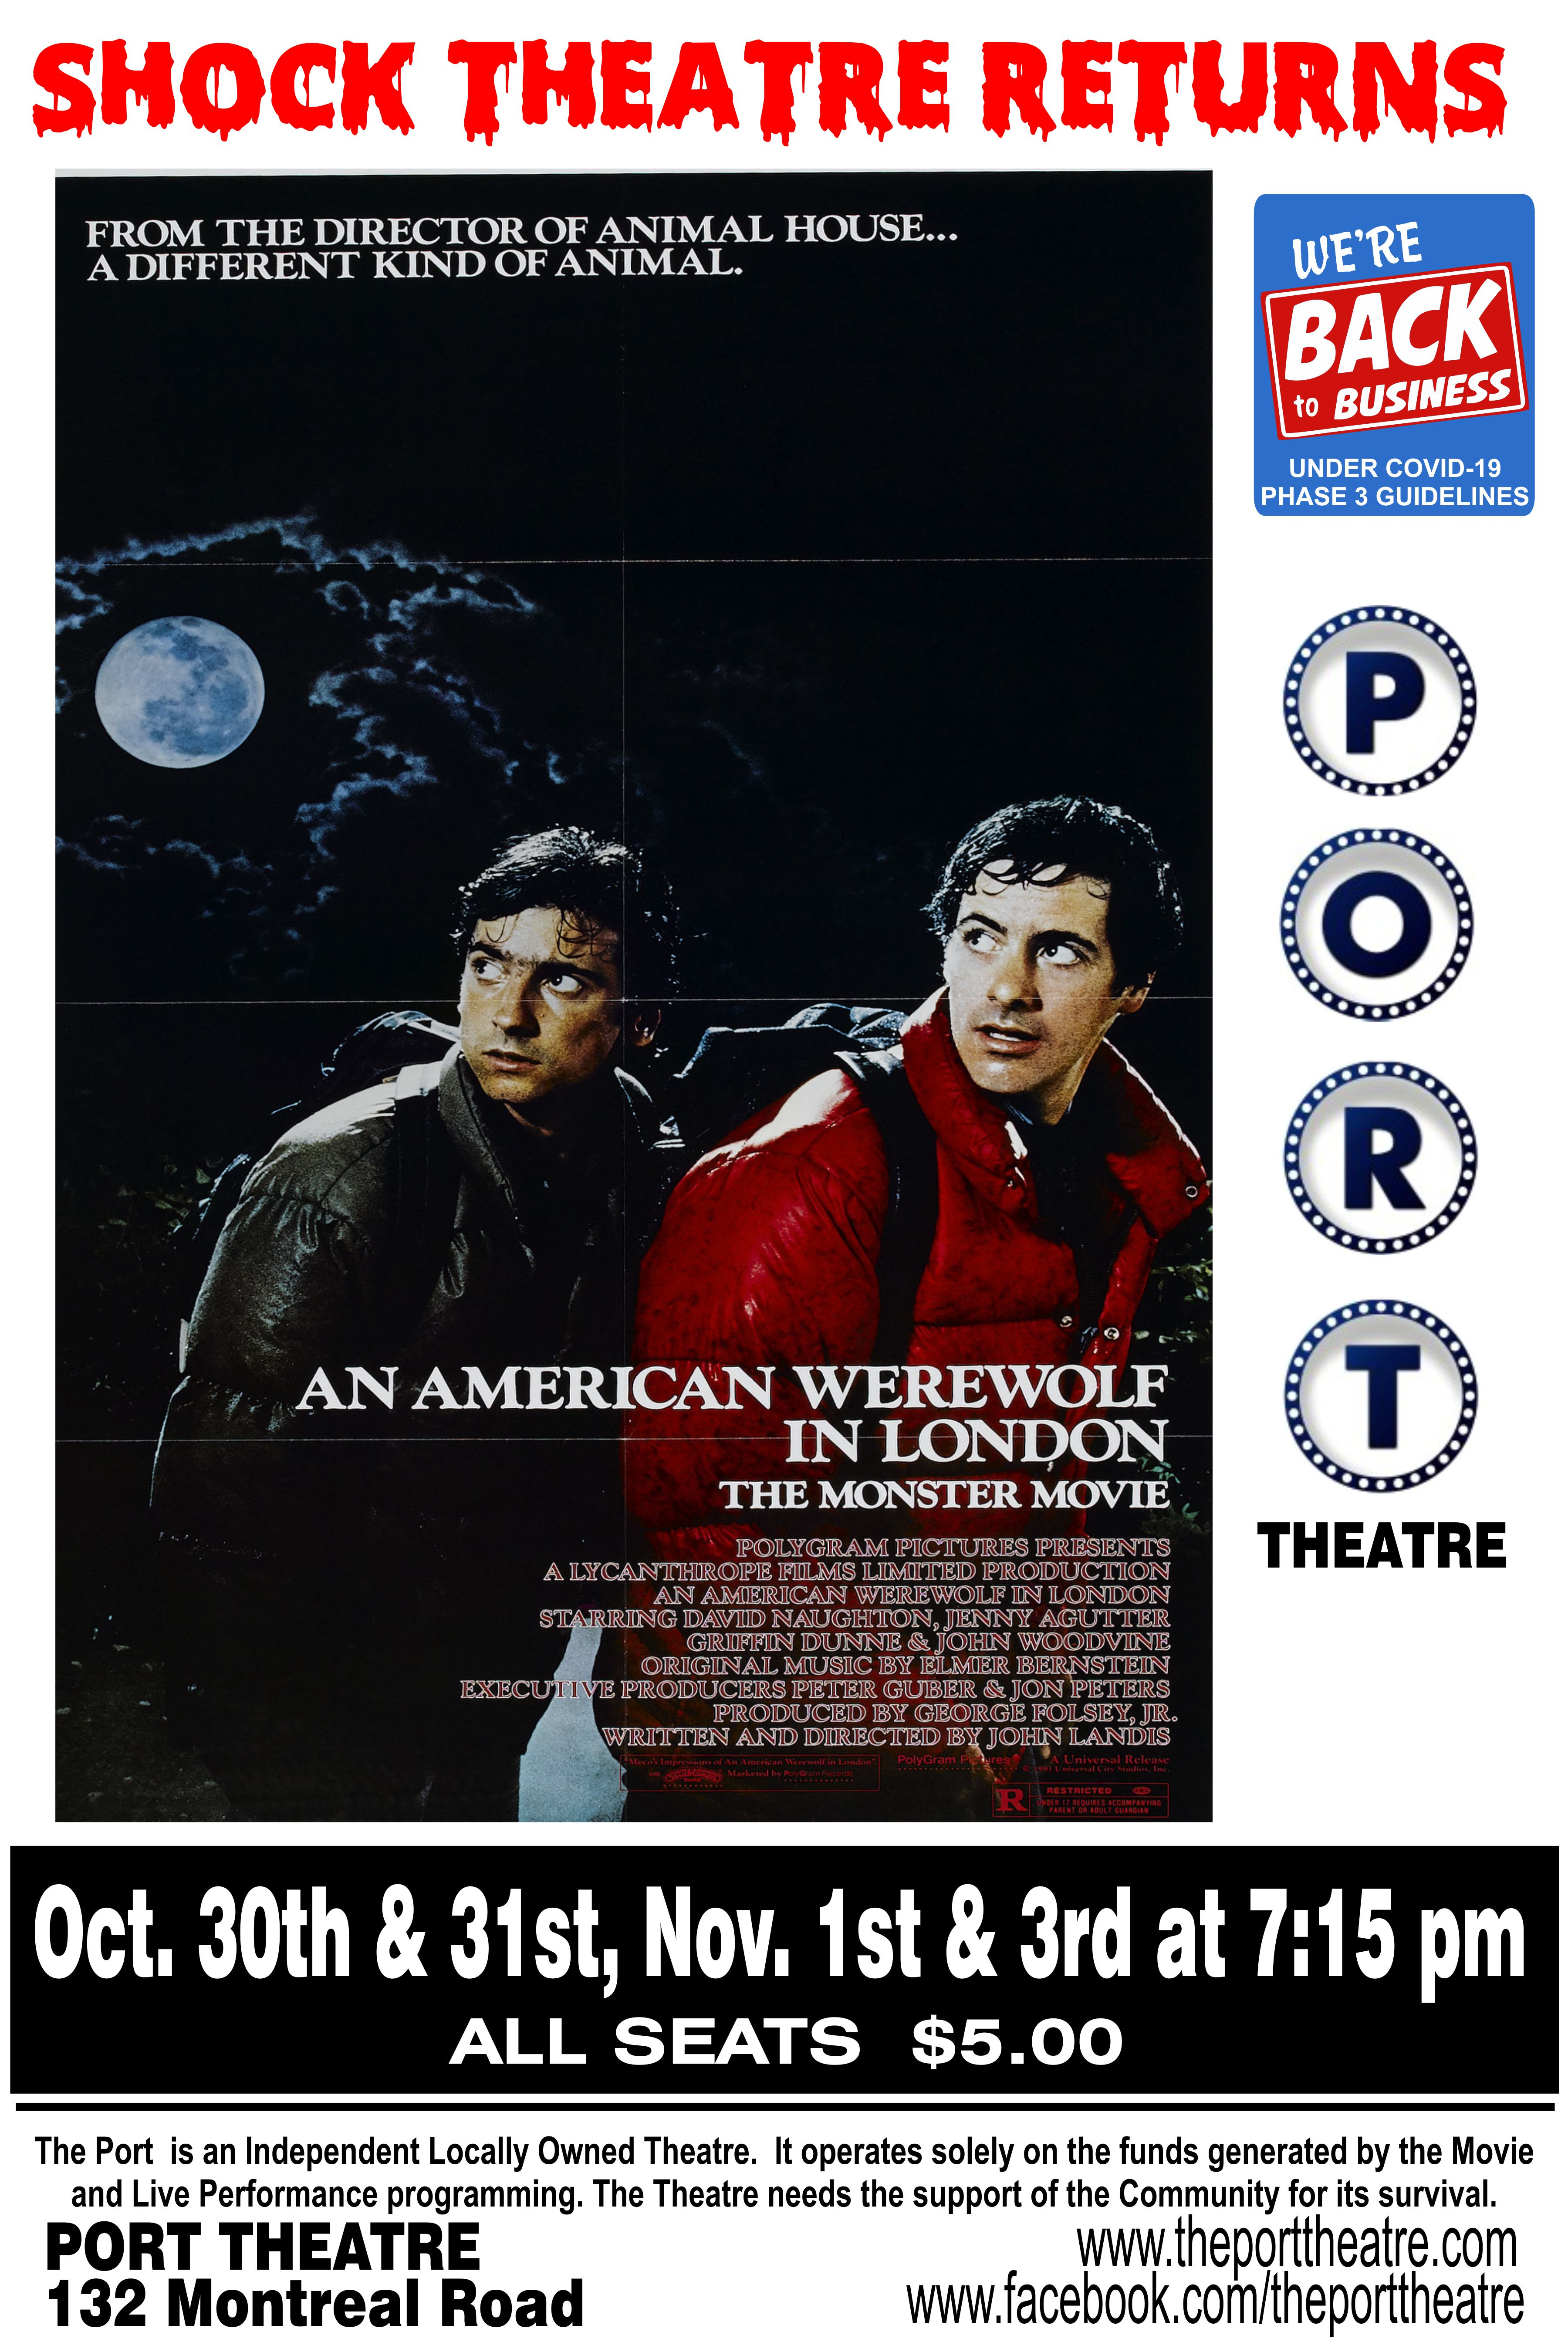 american Werewolf poster